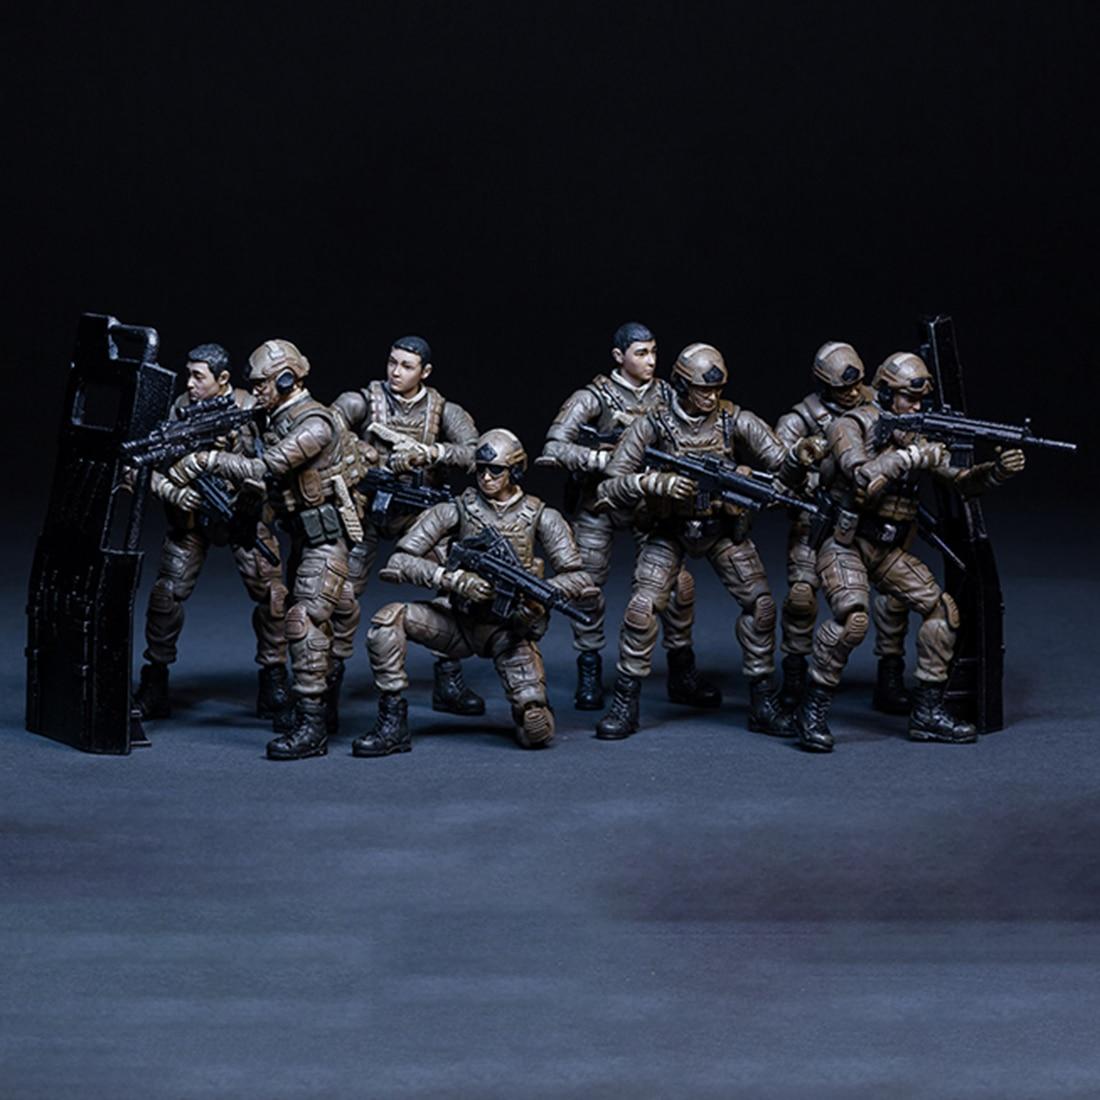 7.7 cm petit soldat modèle 3D assemblage amovible soldat modèle bricolage tige jouet amovible soldat modèle